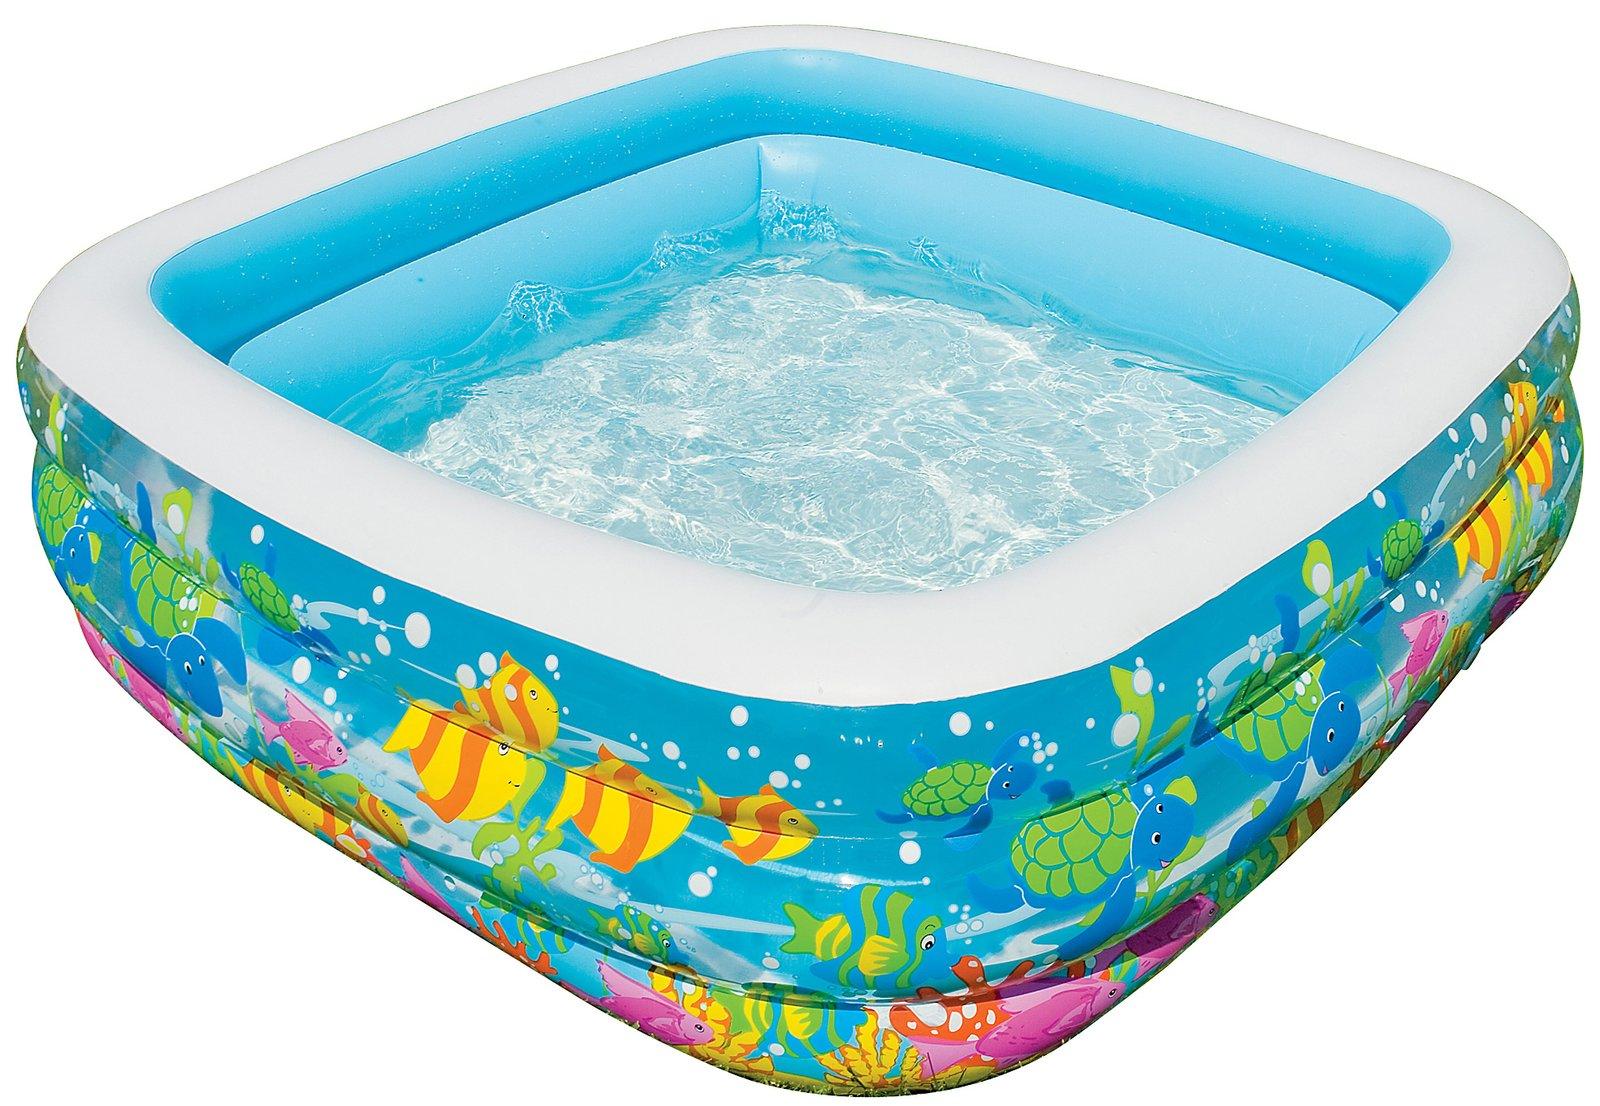 Бассейн надувной квадратный - АквариумДетские надувные бассейны<br>Бассейн надувной квадратный - Аквариум<br>